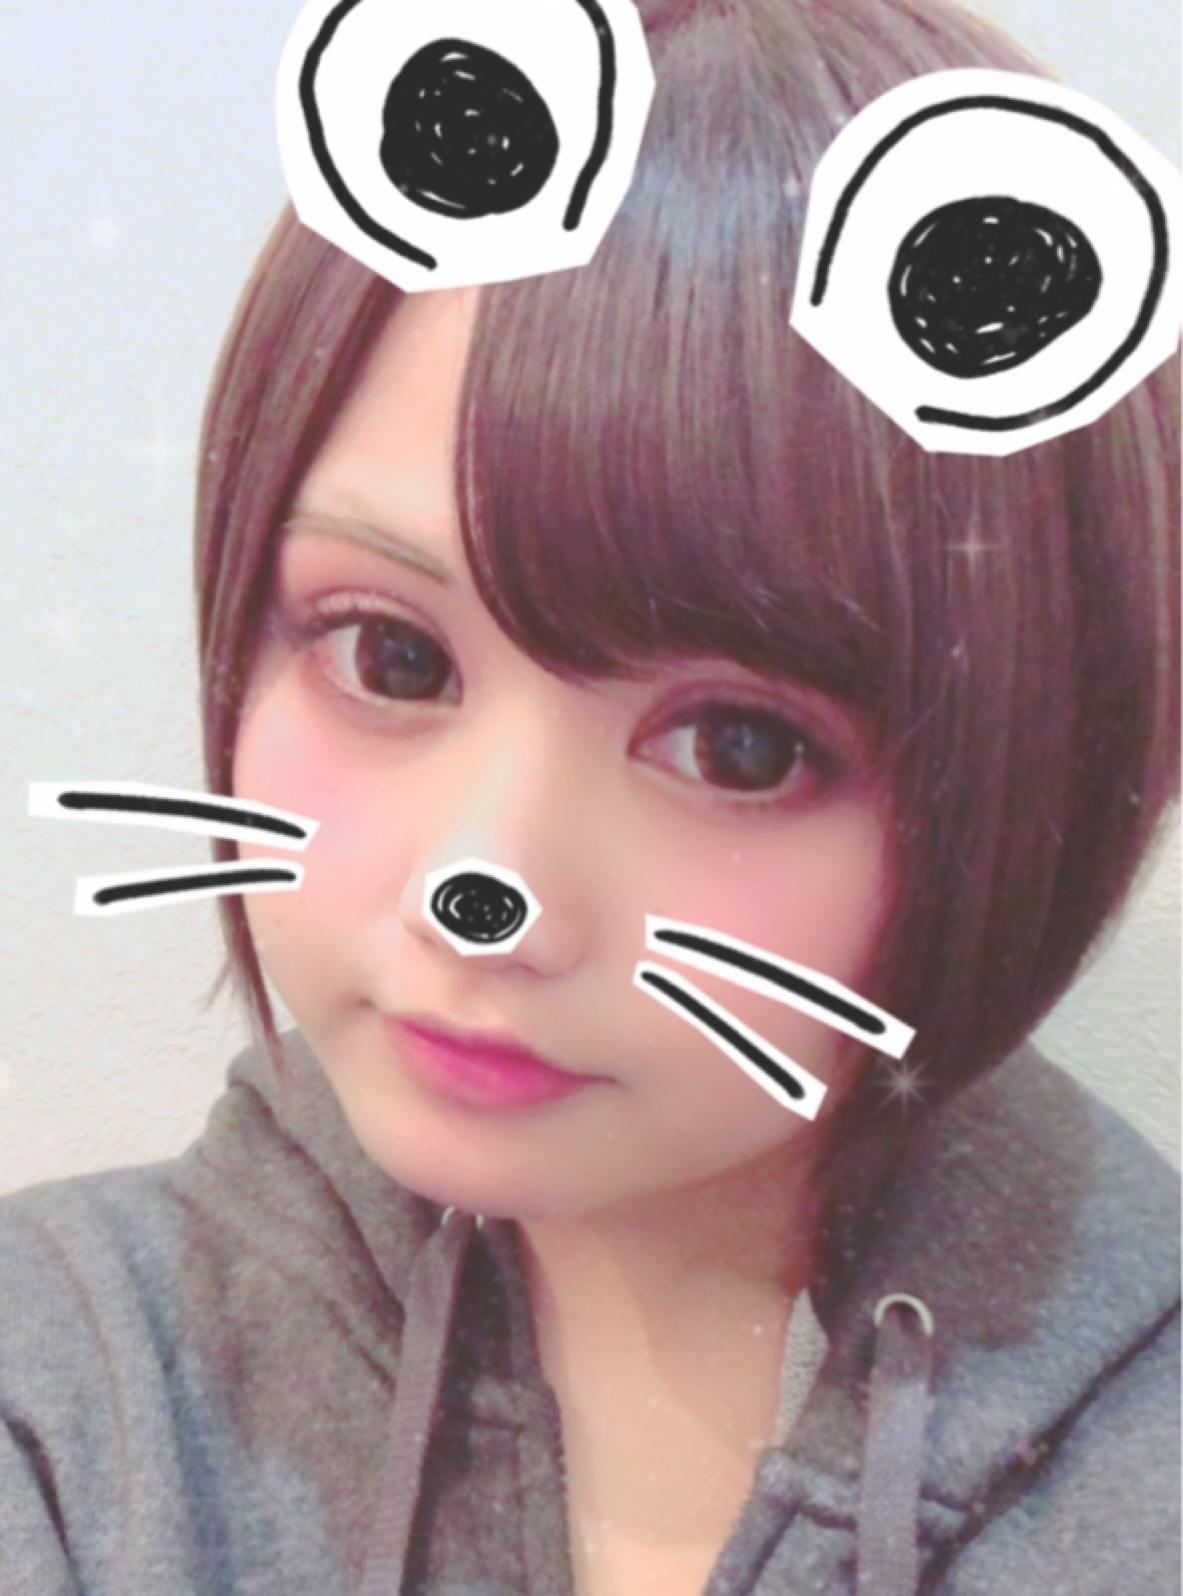 「おはよう♪」11/19(月) 11:24 | ペコの写メ・風俗動画